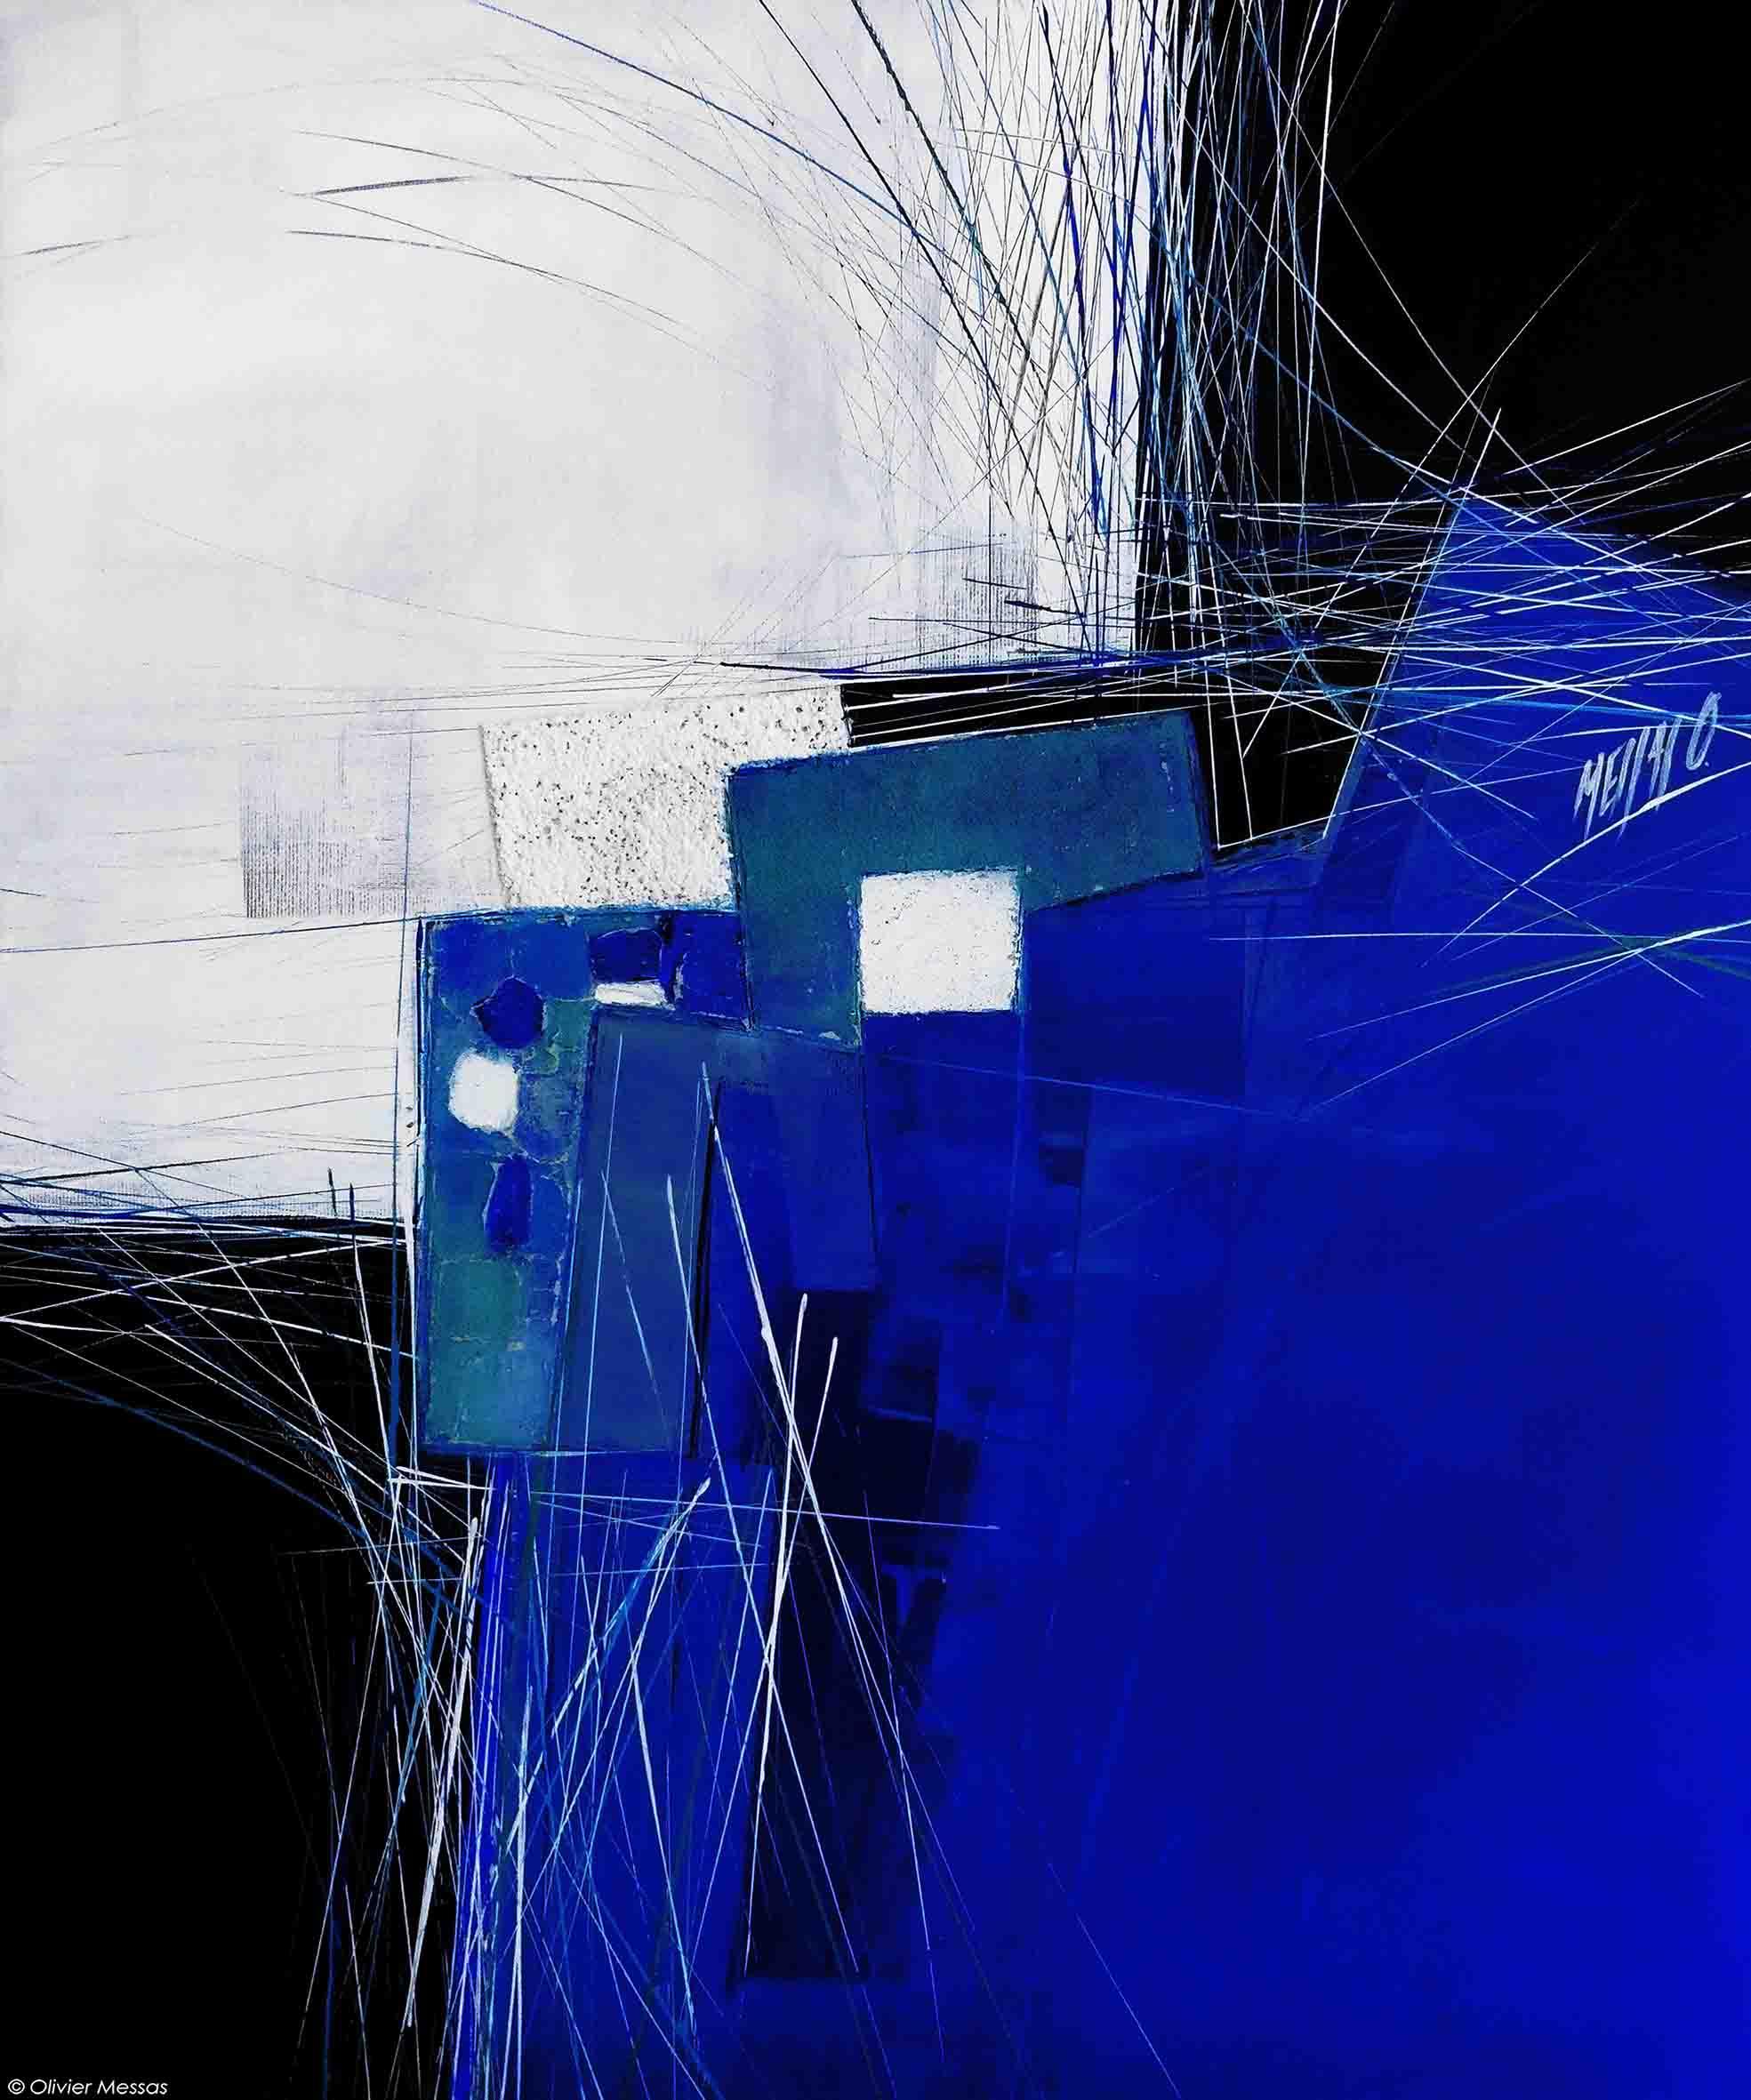 Paysage en bleu marine, 60 x 50cm